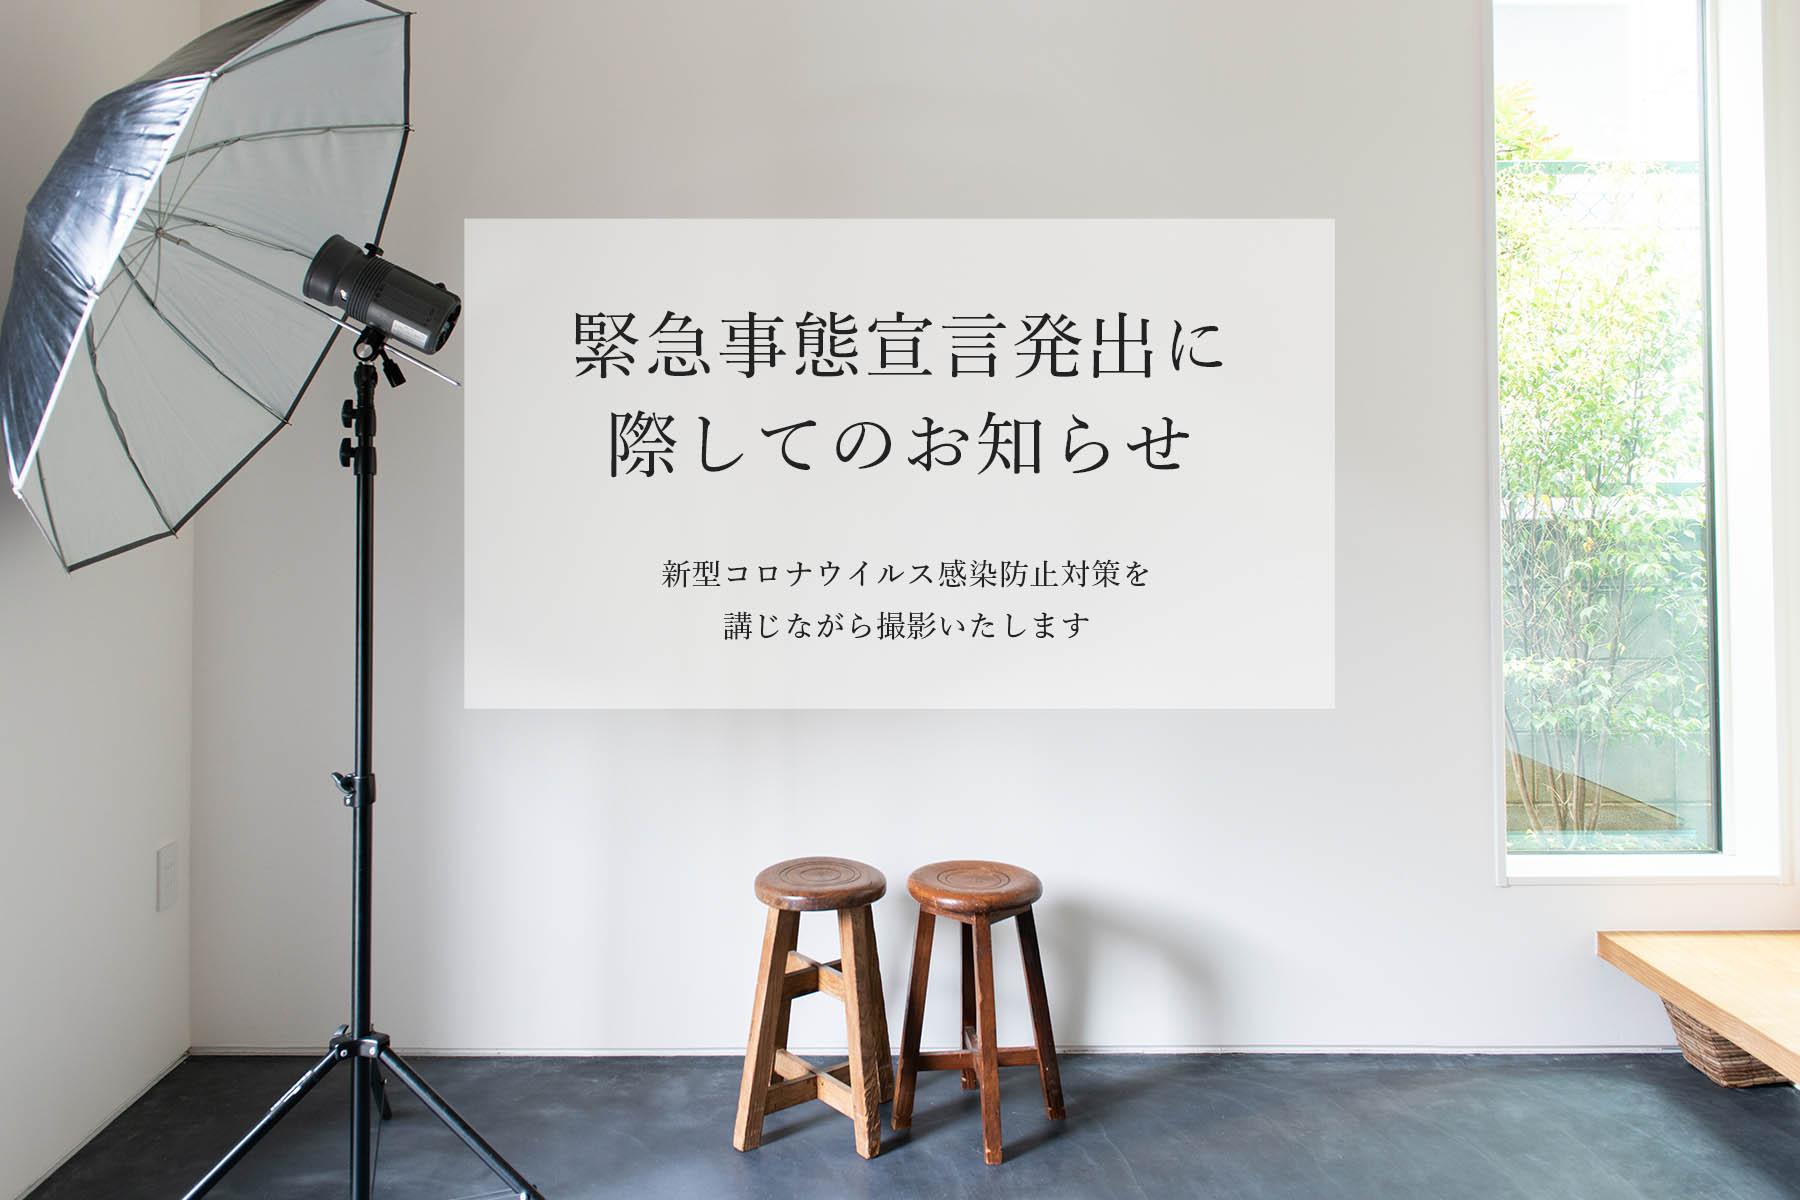 210424スタジオお知らせ